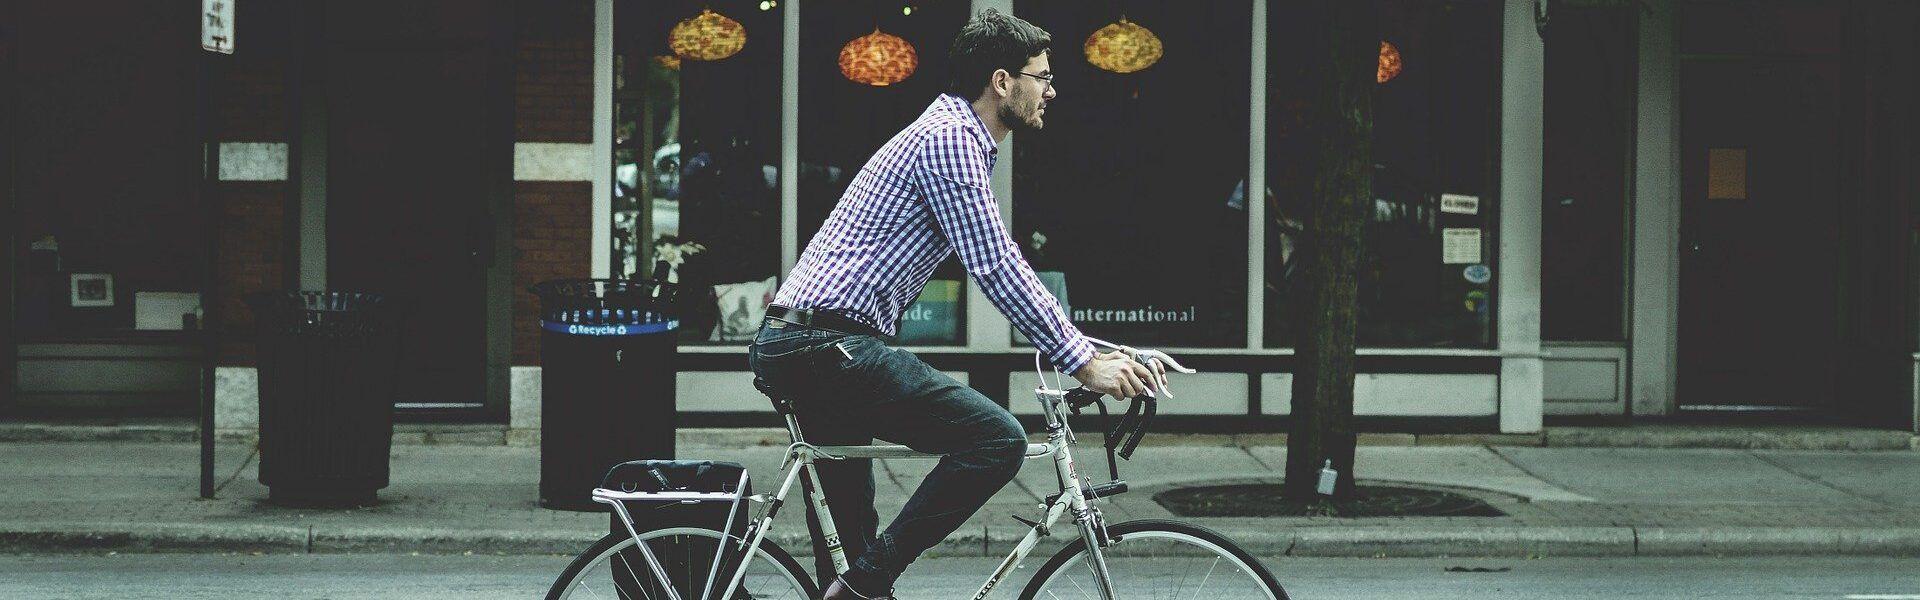 normas-circulacion-ciclistas